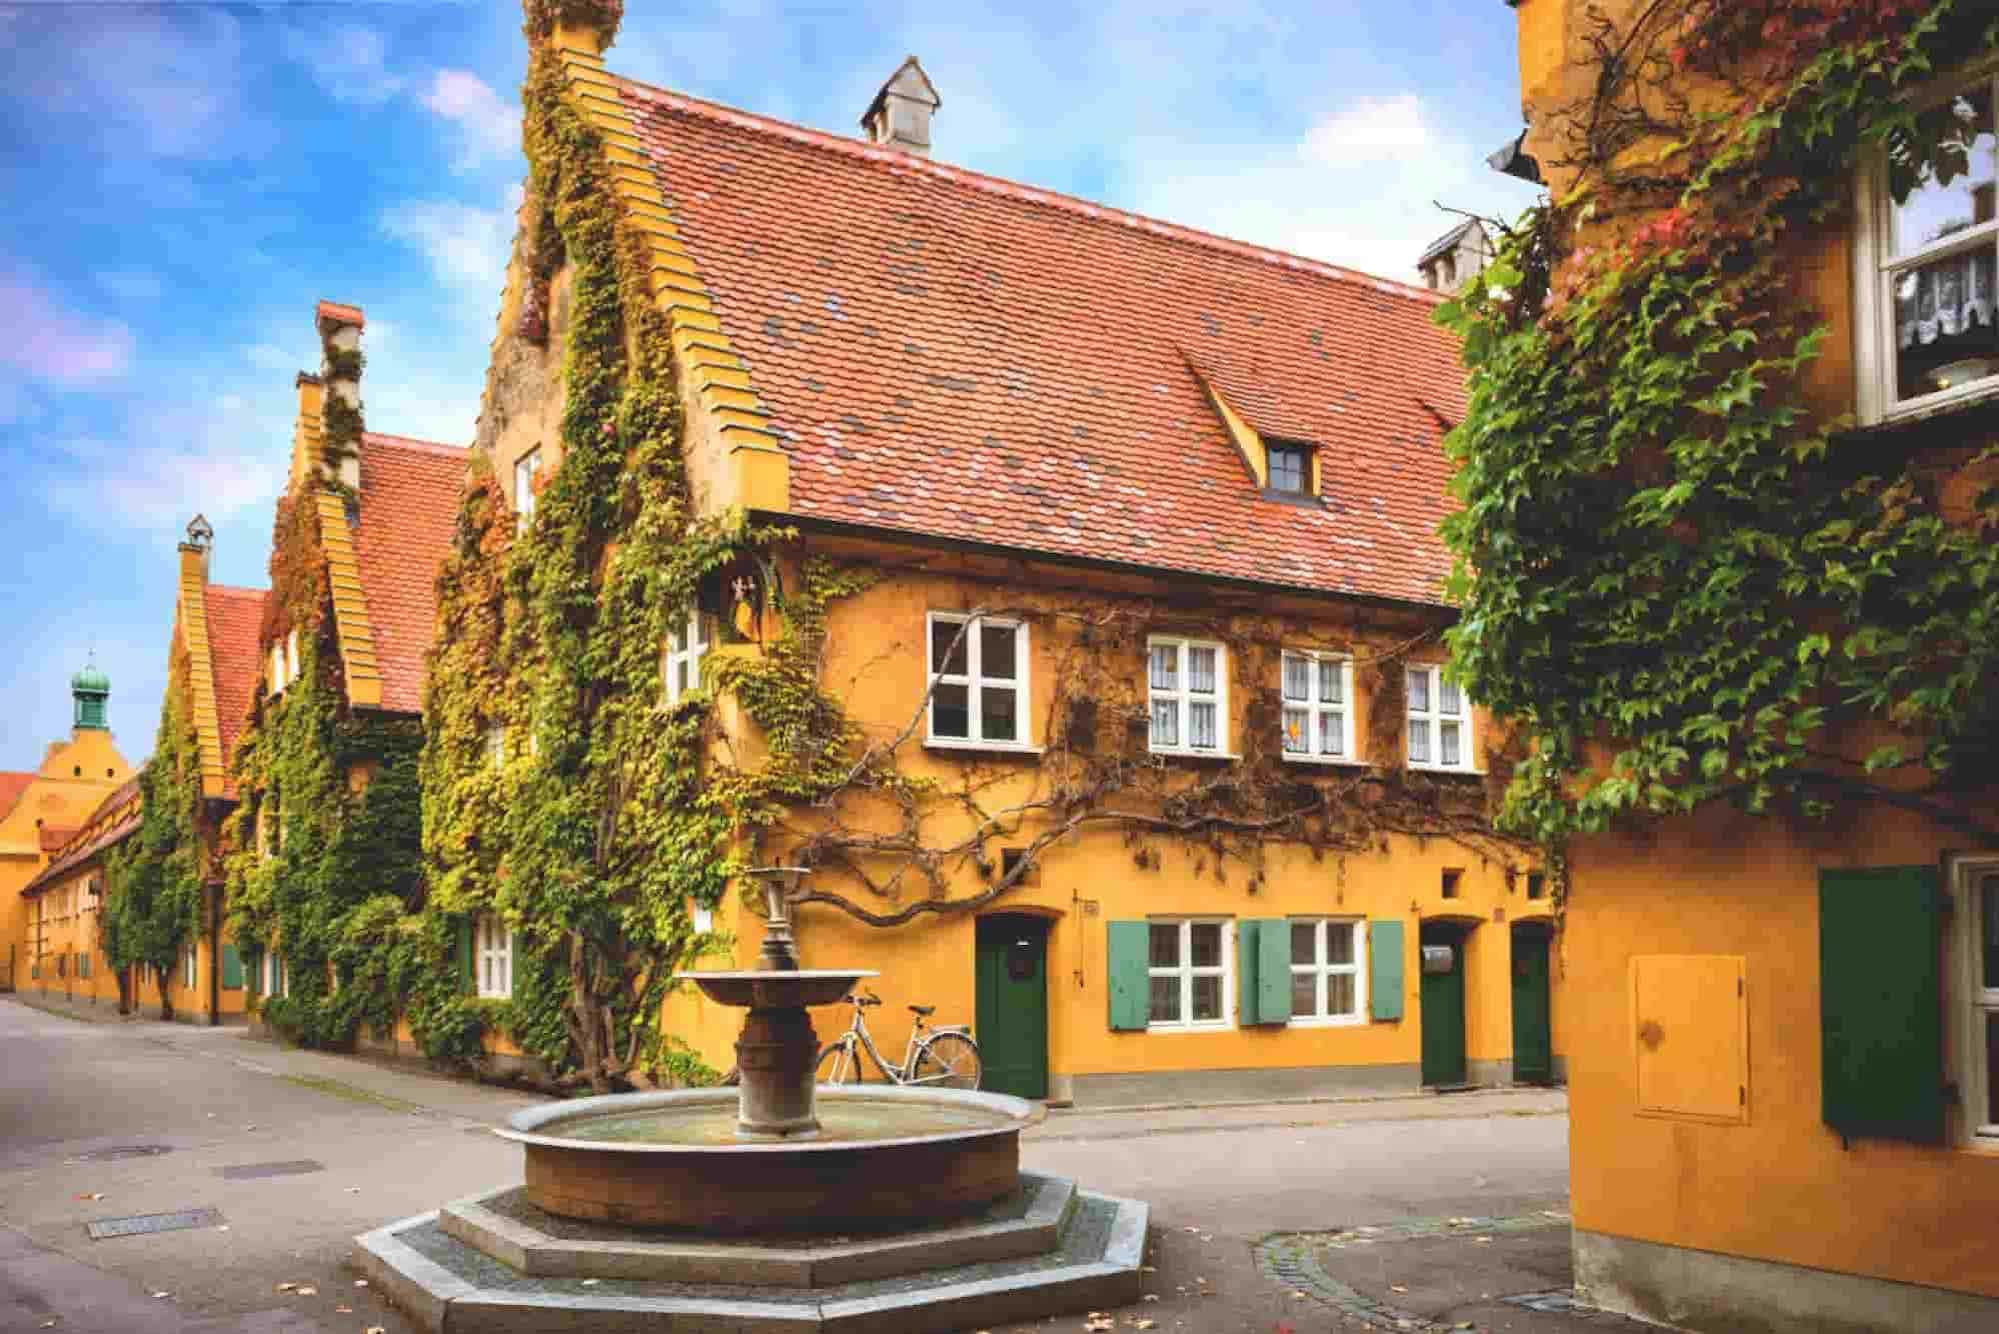 Nachbarschaft mit gelben Häusern in Augsburg, ein Stopp auf der romantischen Strasse in Deutschland